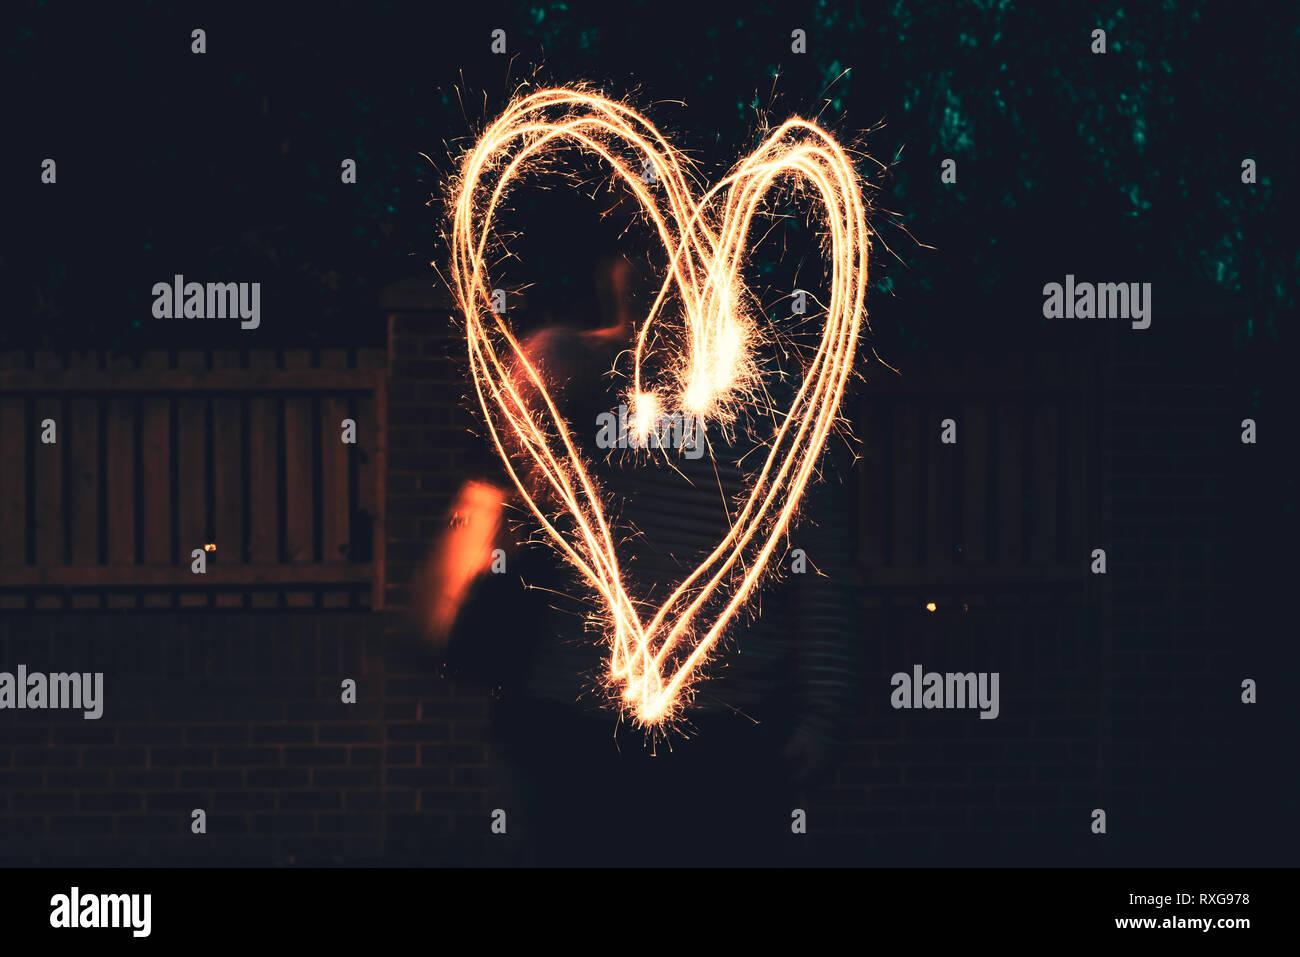 Un grand cœur dessiné à l'aide d'un cierge magique Banque D'Images